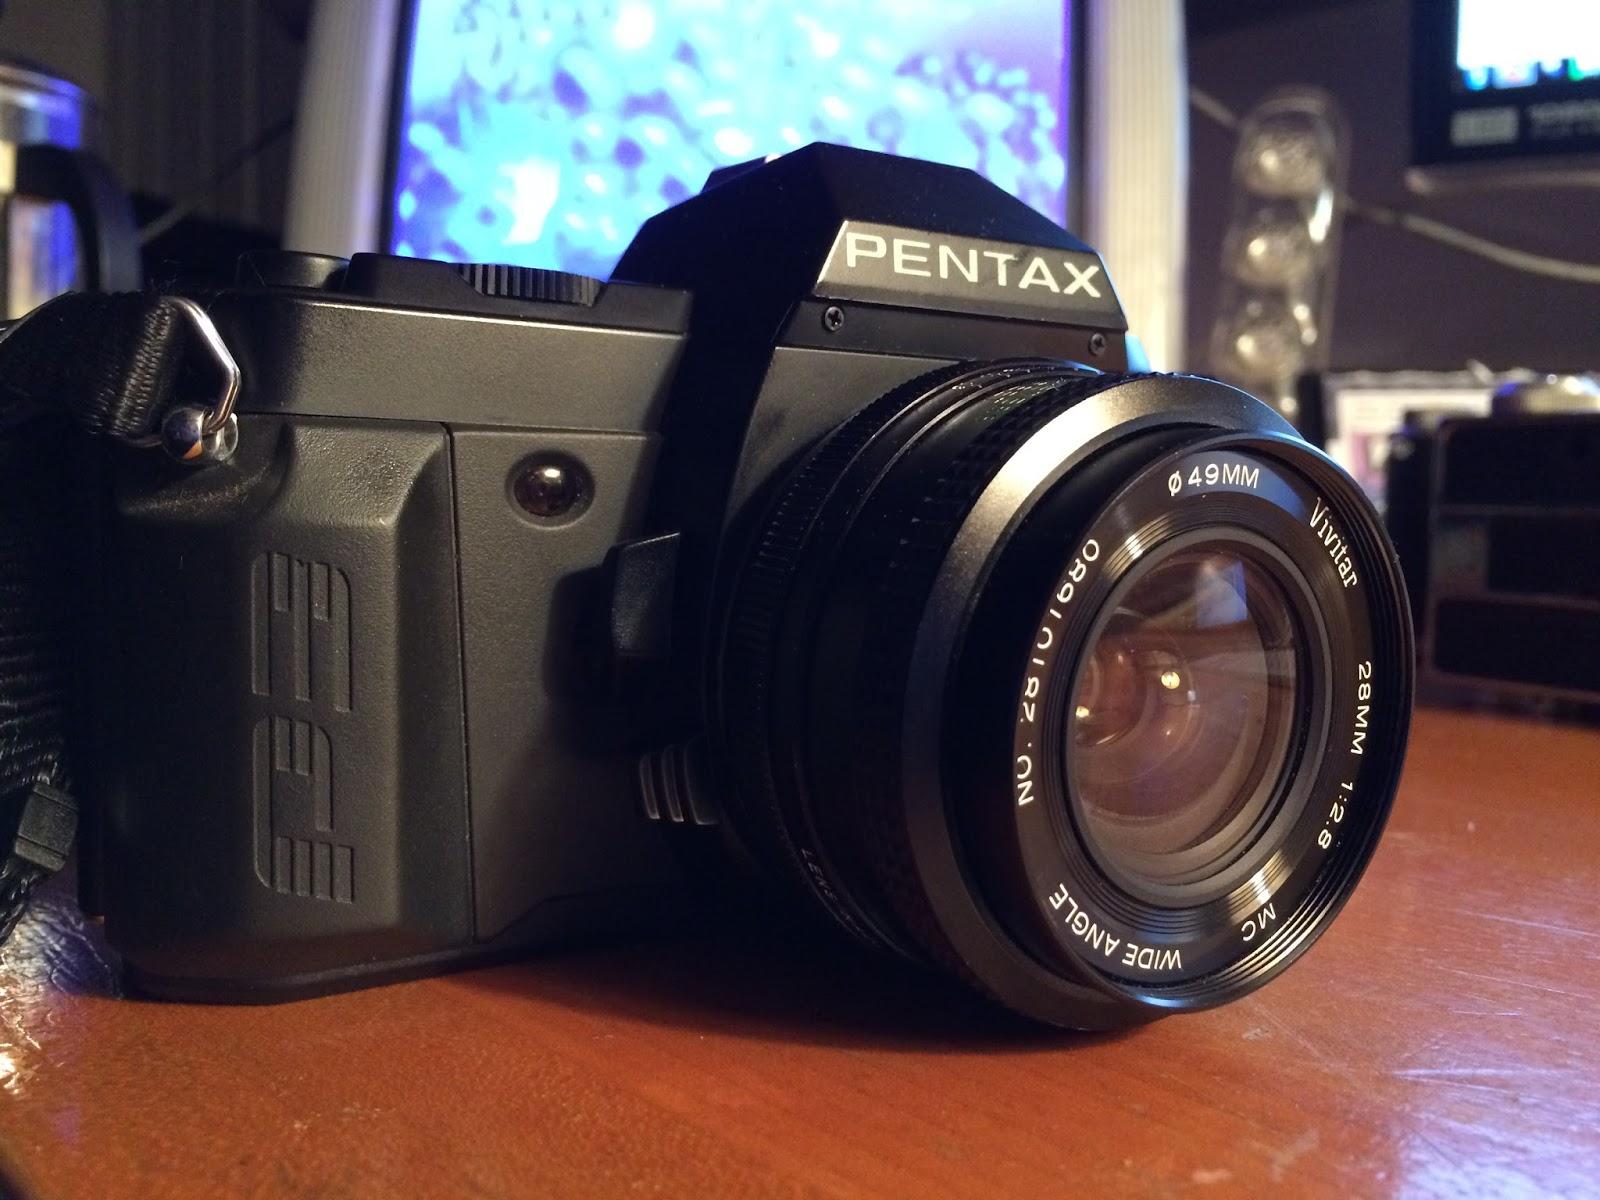 the cut corner film photograper a pre review of the pentax p3n rh cutcornerfilm blogspot com Investigator Manual Research Template